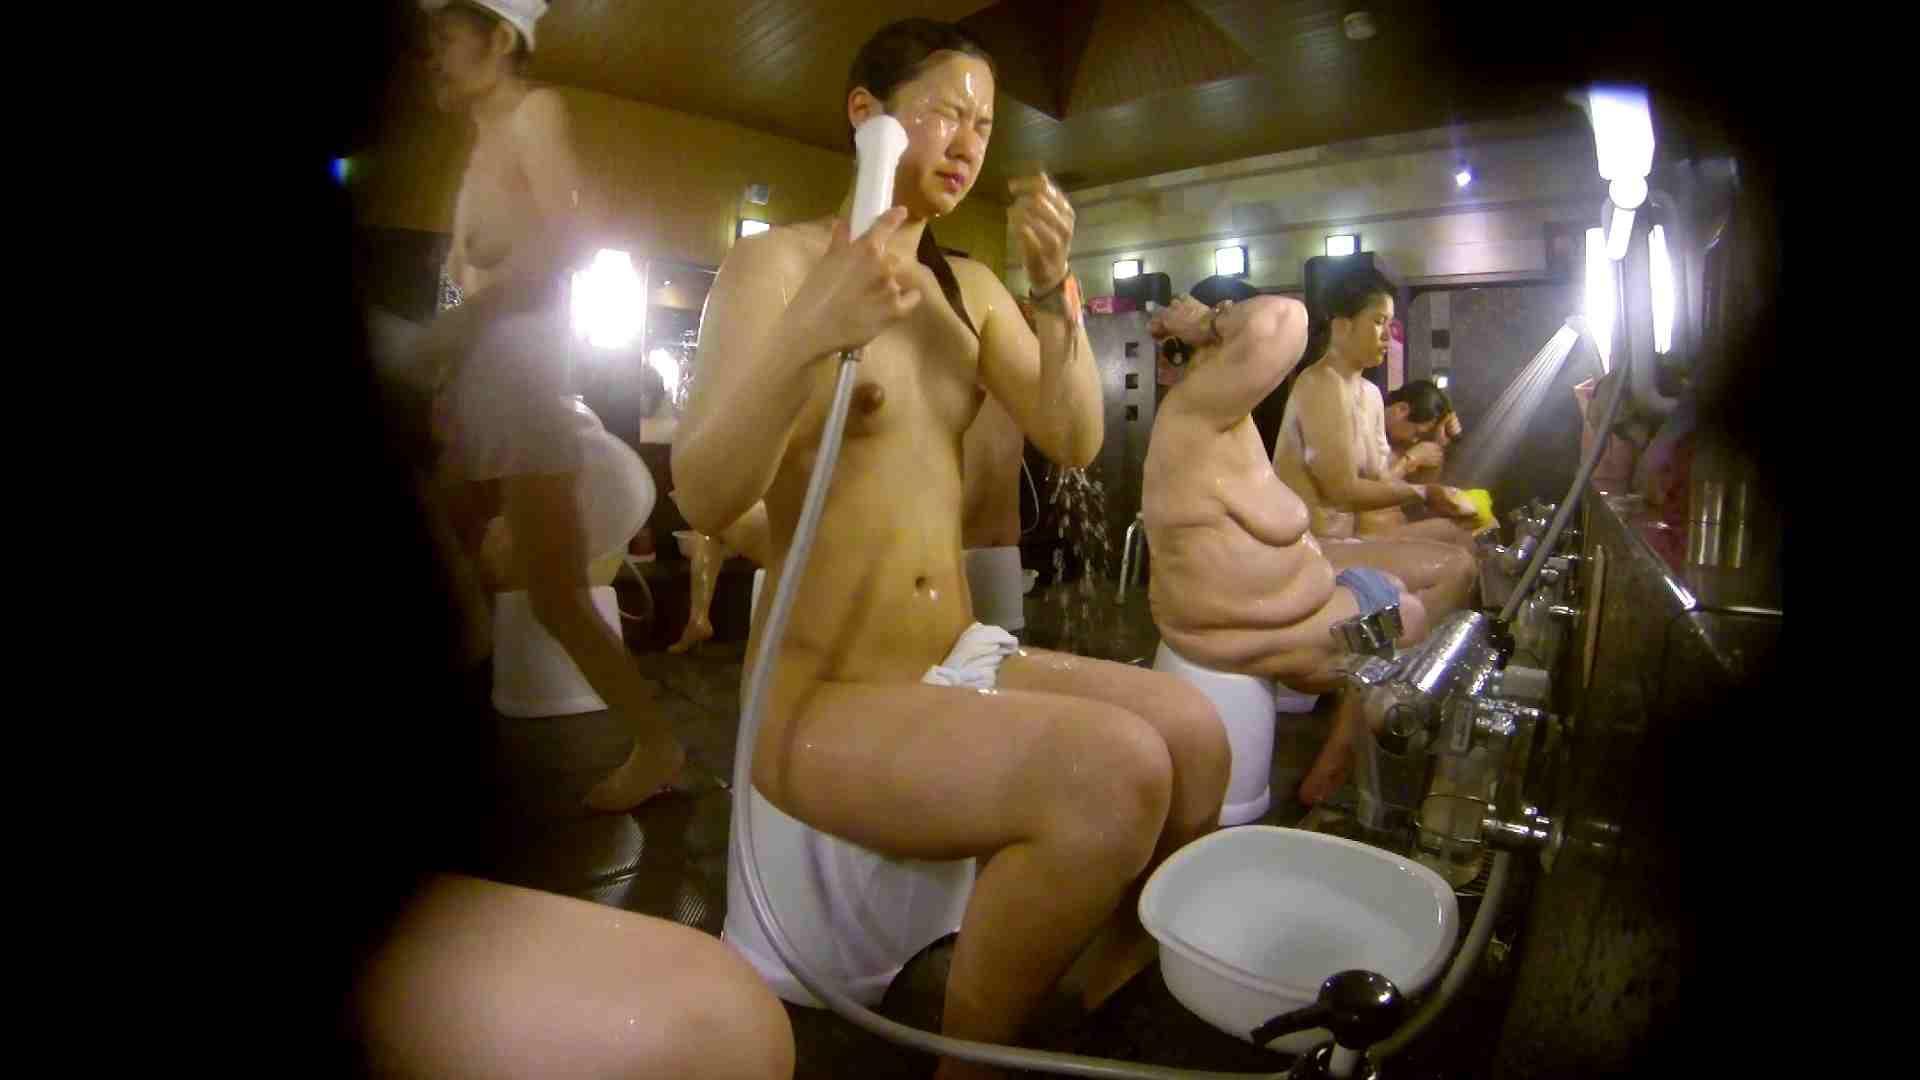 追い撮り!脱衣~洗い場、徹底追跡!撮り師さんに拍手!! 友人・知人 セックス画像 77枚 34